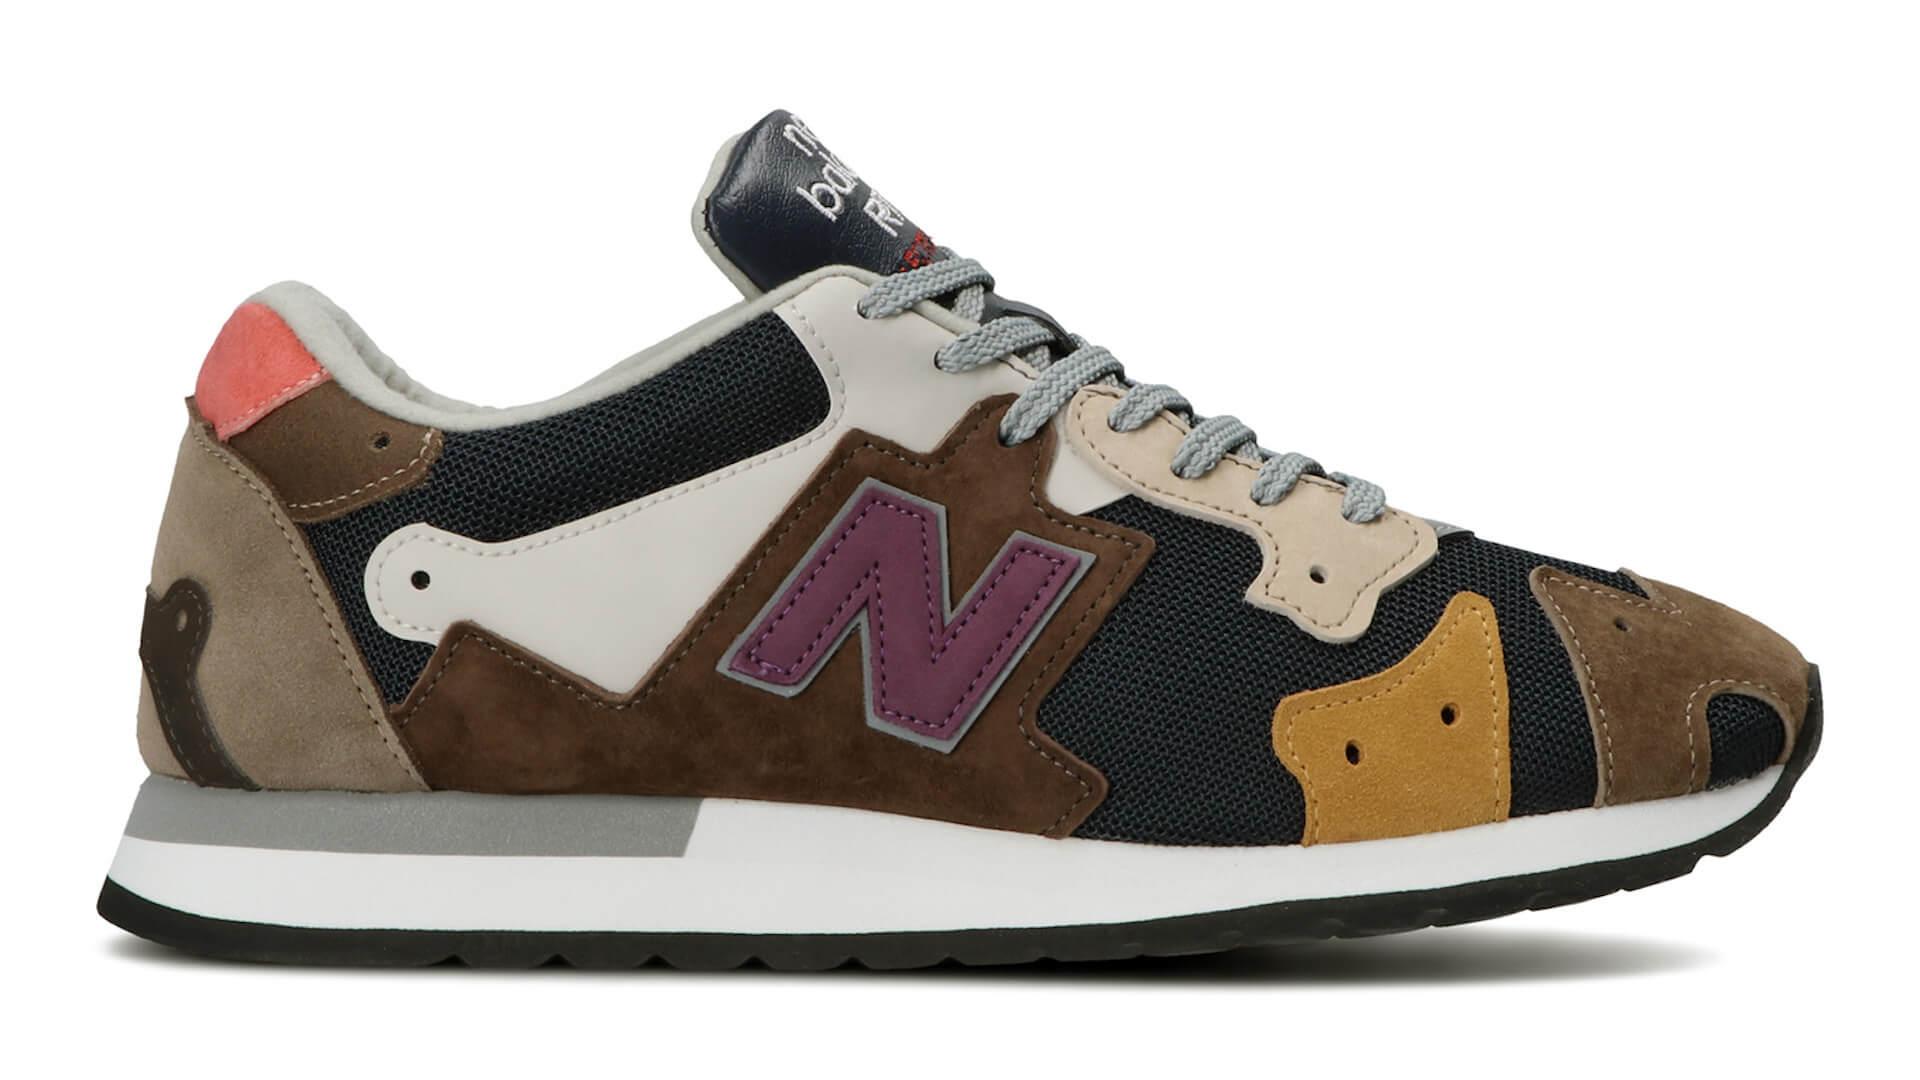 ニューバランスフラッグシップストアにMade in U.K.限定モデルが登場!「770」「670」「1591」「991.5」の4モデル life210507_newbalance_shoes_2